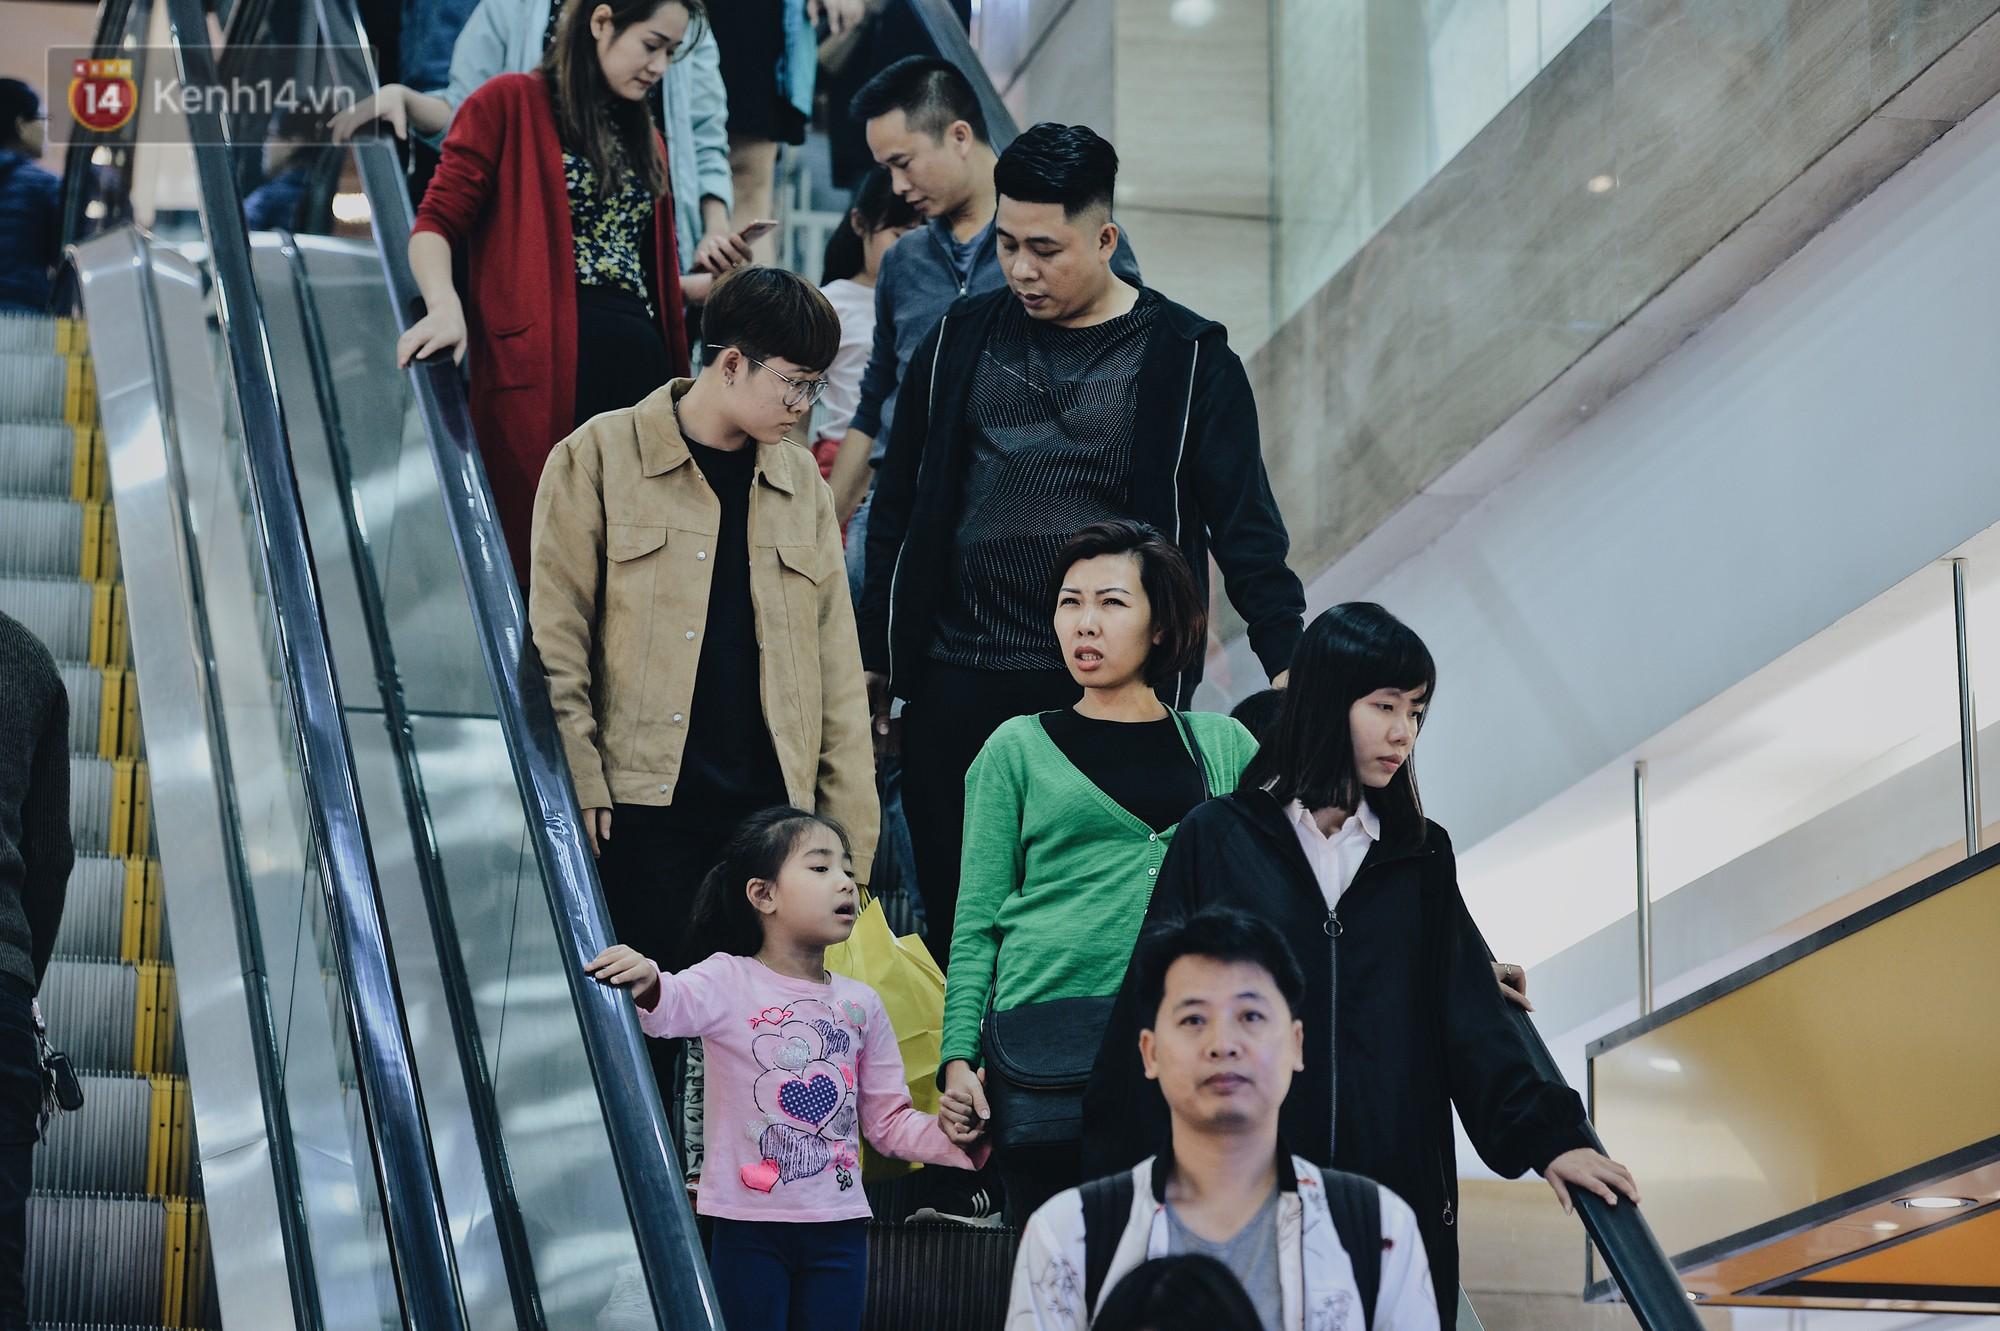 Cơn sốt Black Friday: TTTM ở Hà Nội mở cửa tới nửa đêm, trẻ nhỏ theo chân bố mẹ đi săn sale - Ảnh 4.